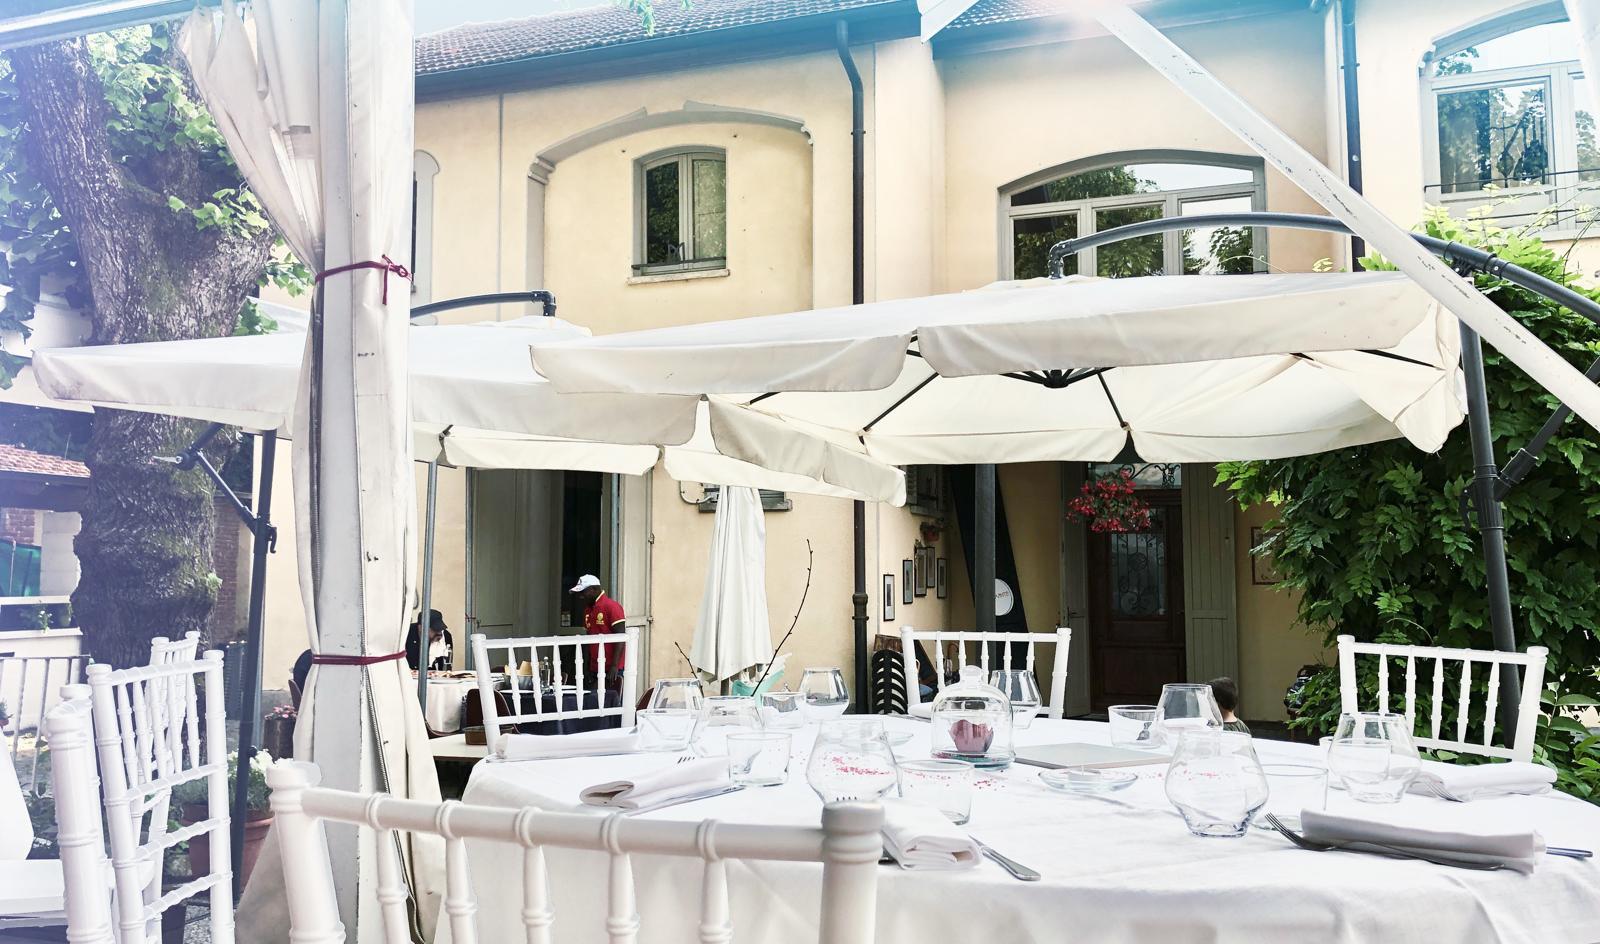 dehors_ristorante_come_in_famiglia_rivol